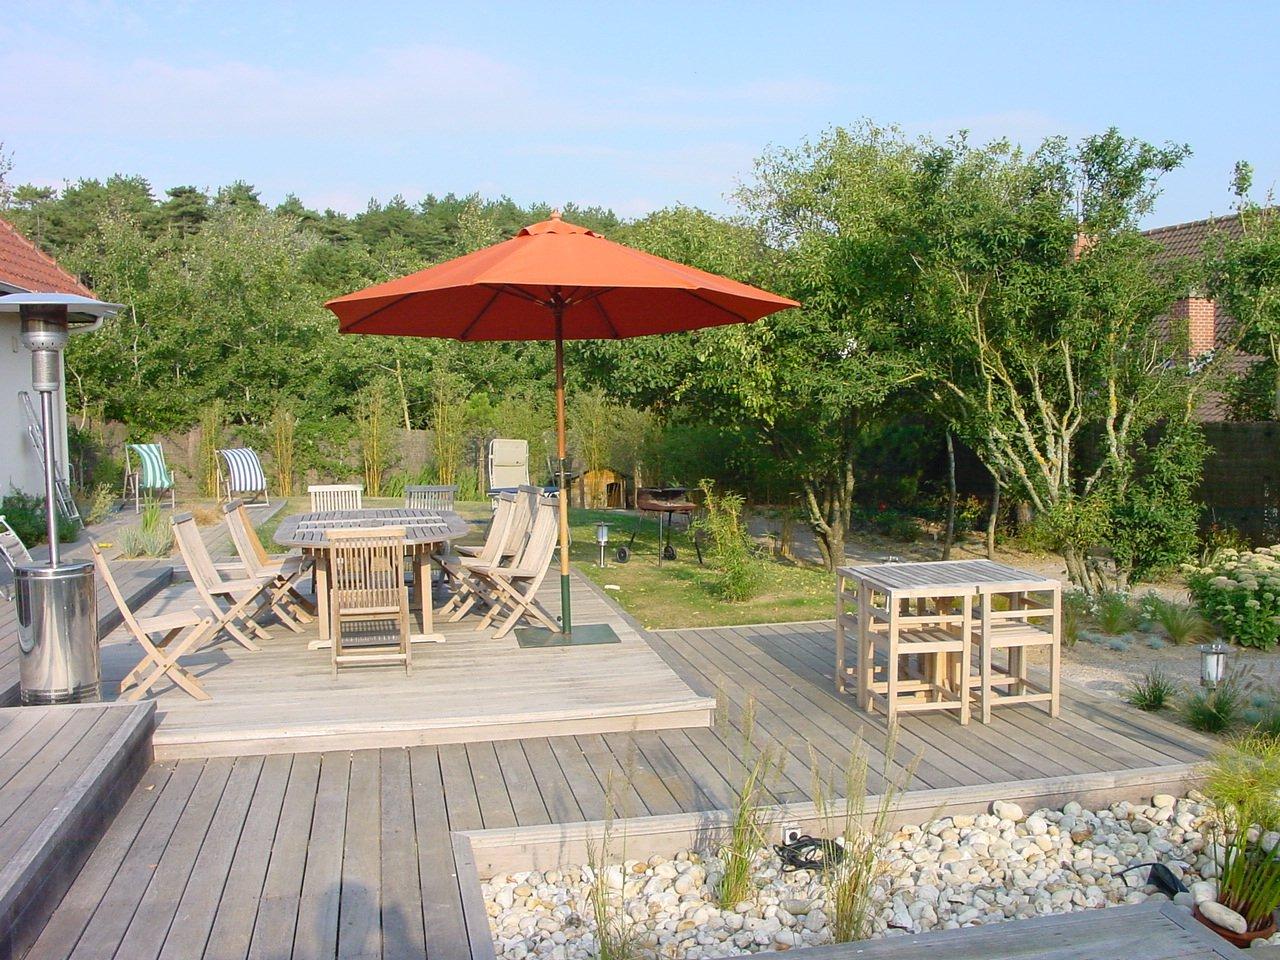 les plans en ligne pour vos projets de terrasses acc s parkings jardins voiries abords. Black Bedroom Furniture Sets. Home Design Ideas